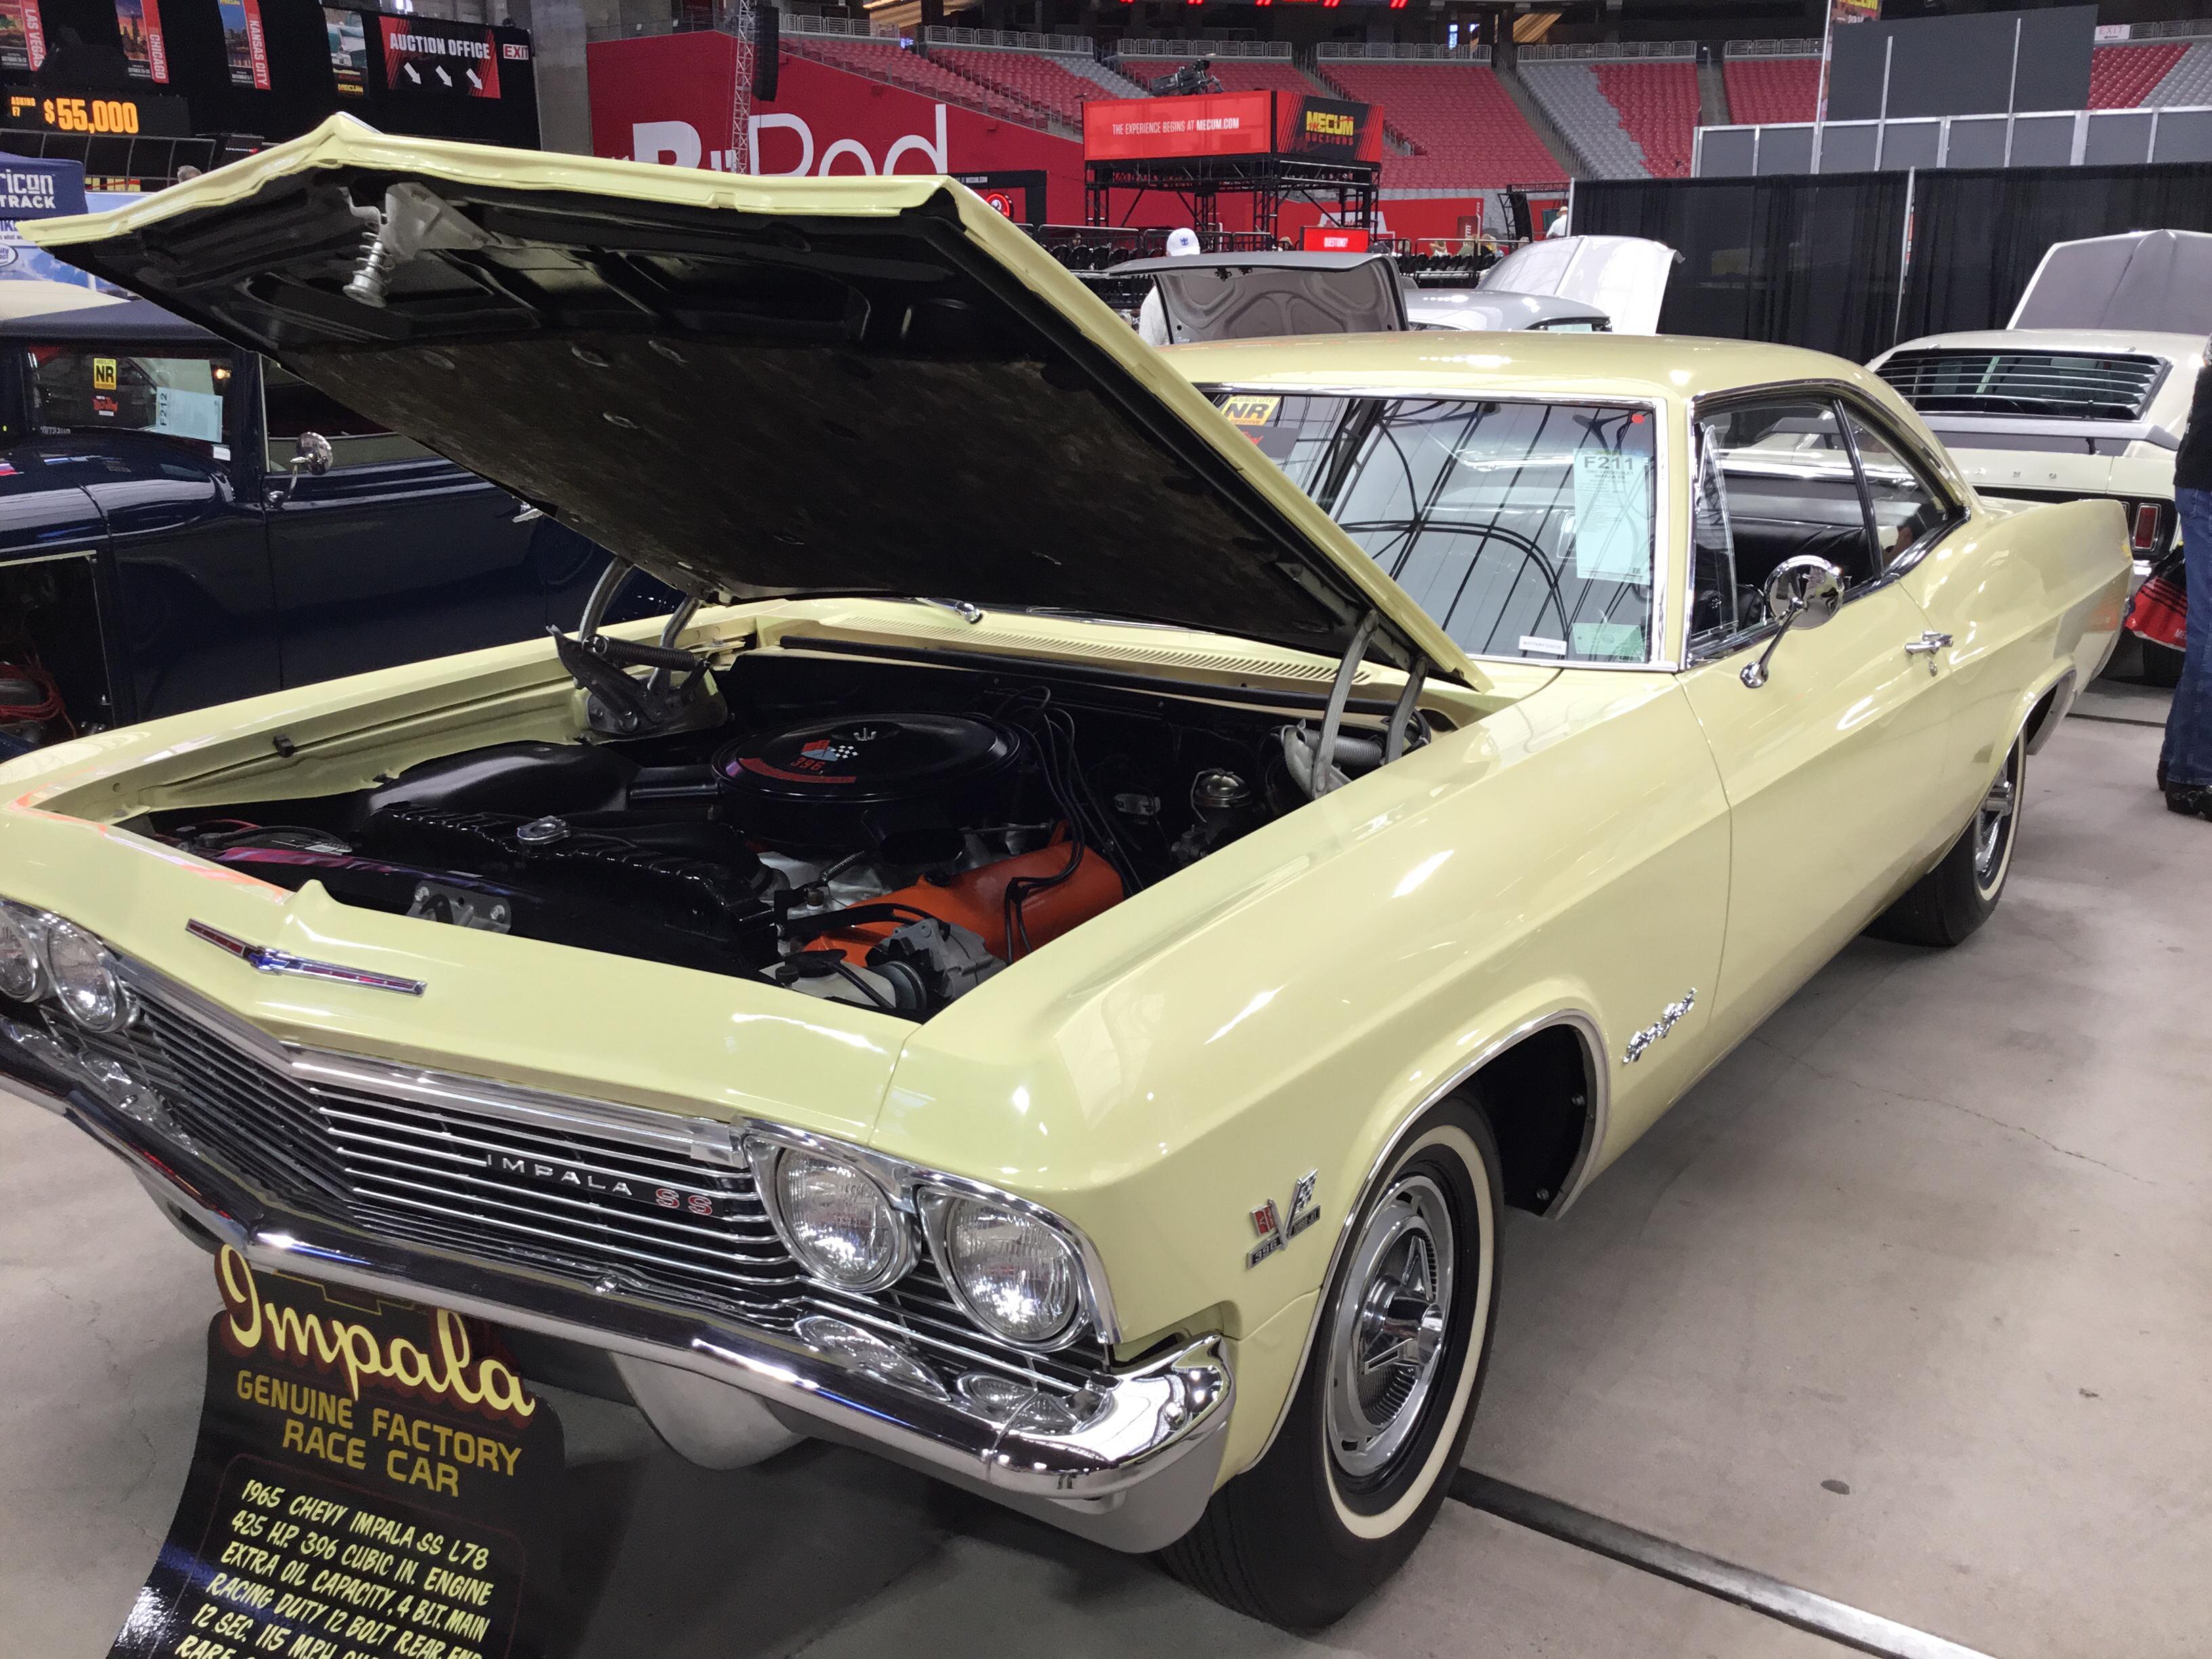 1965 Chevrolet Impala Values Hagerty Valuation Tool